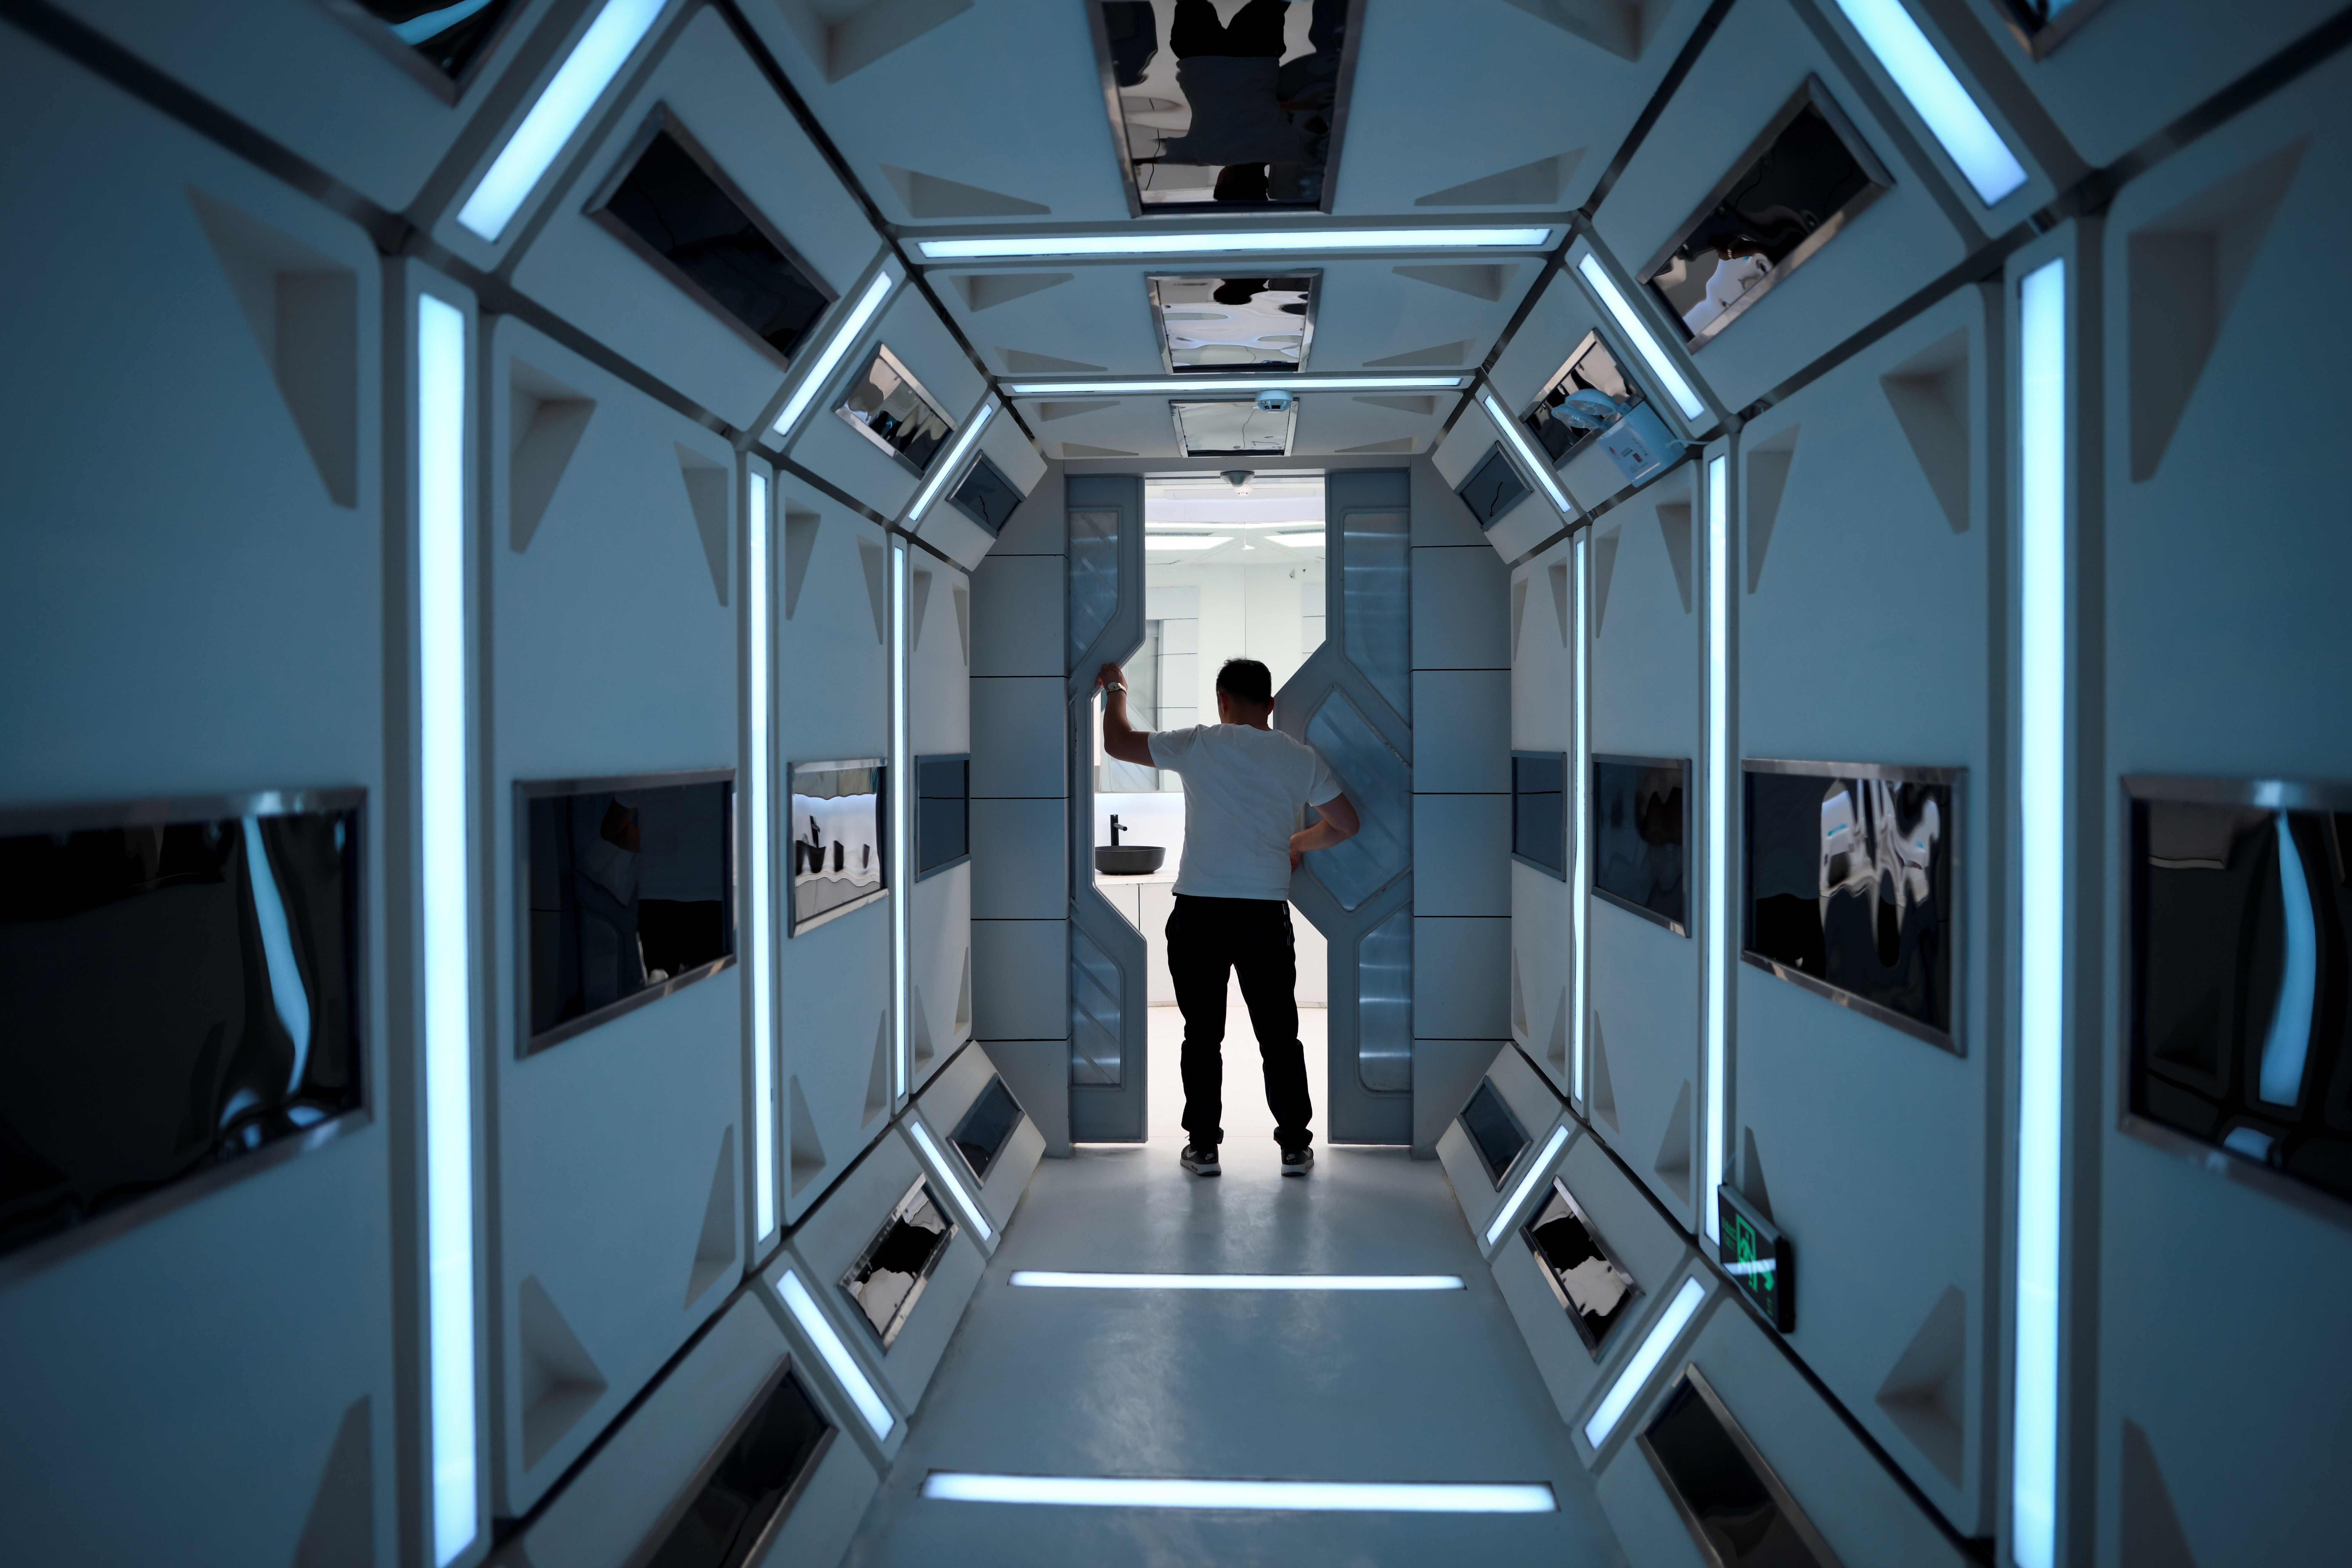 Chinas fake Mars base camp lets visitors explore Star Wars style 7937x5291